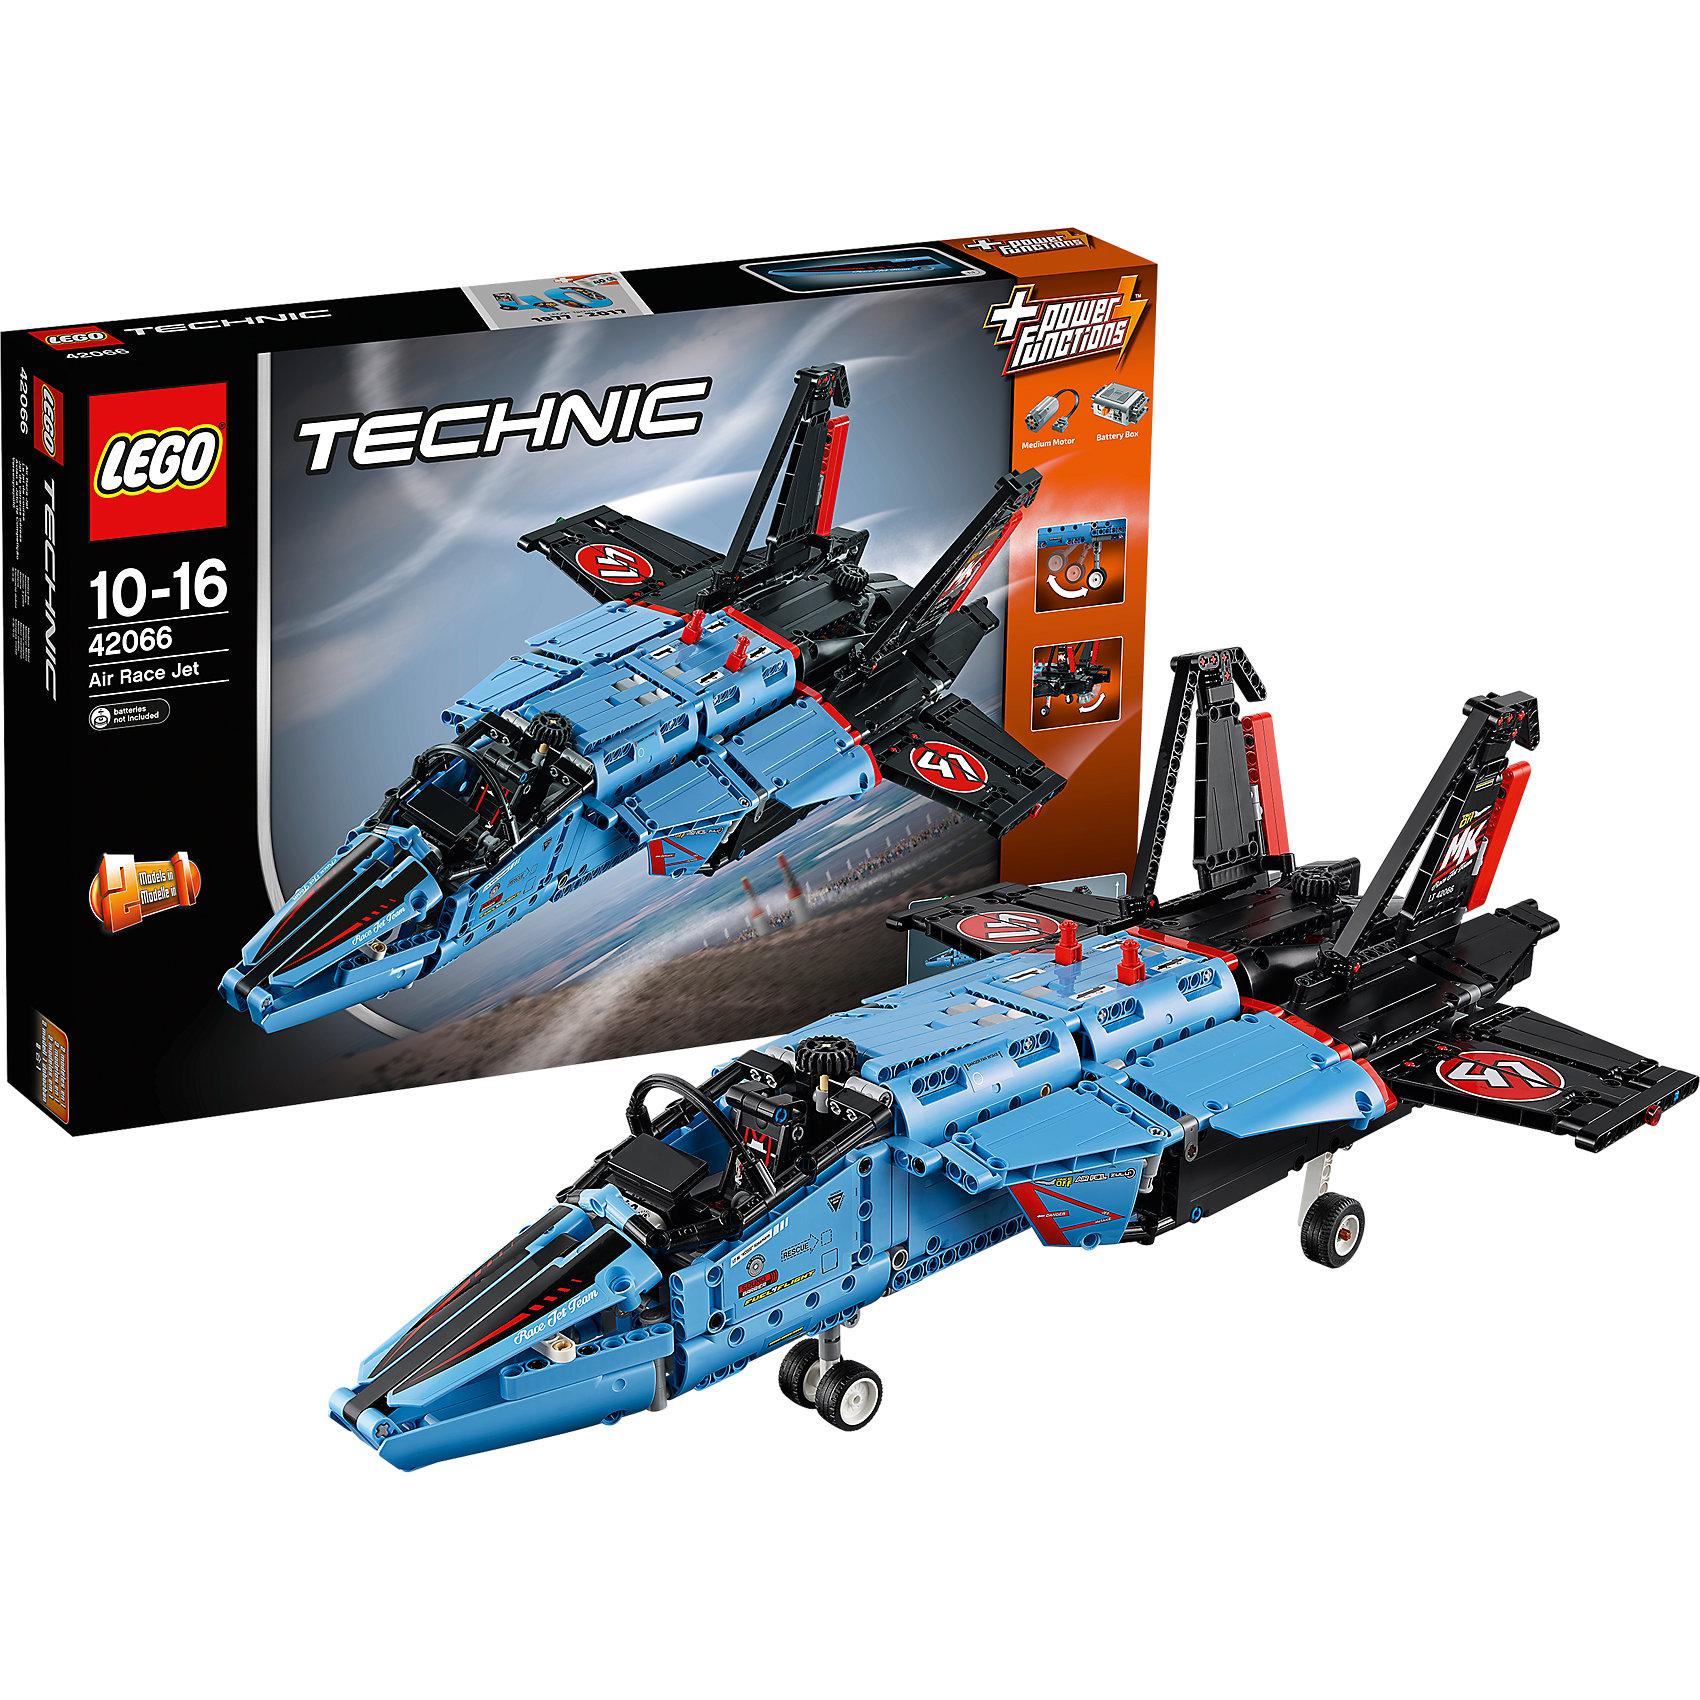 LEGO Technic 42066: Сверхзвуковой истребительLEGO Technic 42066: Сверхзвуковой истребитель<br><br>Характеристики:<br><br>- в набор входит: детали истребителя, наклейки, инструкция по сборке<br>- состав: пластик<br>- количество деталей: 1151<br>- приблизительное время сборки: 2 часа 45 мин.<br>- размер упаковки: 58 * 8,5 * 37 см.<br>- размер истребителя: 58 * 23 * 36 см.<br>- для детей в возрасте: от 10 до 16 лет<br>- Страна производитель: Дания/Китай/Чехия<br><br>Легендарный конструктор LEGO (ЛЕГО) представляет серию «Technic», которая бросает вызов уже опытным строителям ЛЕГО. Ваш ребенок может строить продвинутые модели с реальными функциями, такими как коробки передач и системы рулевого управления. <br><br>В набор включена уникальная деталь, посвященная сорокалетию серии. Наслаждайтесь строительством нового реалистичного истребителя черно-синего цвета. Многофункциональный истребитель оснащен двумя автоматическими функциями. Специальный переключатель с помощью моторчика перестраивает истребитель в режим полета и складывает его части обратно. Вторая автоматическая функция плавно выдвигает шасси и убирает их при полете. С помощью ручного механизма переднее колесо самолета двигается, задавая направление истребителя, кабина пилота открывается, так же с помощью механизма двигаются закрылки, задающие направление в ходе полёта. Большая модель истребителя с необычными цветами, небольшим количеством наклеек, сложной схемой для постройки и двумя моторчиками может также быть перестроена в частный реактивный самолёт, обе модели имеют объемные интерактивные инструкции на вебсайте ЛЕГО. <br><br>Играя с конструктором ребенок развивает моторику рук, воображение и логическое мышление, научится собирать по инструкции и создавать свои модели. Принимайте новые вызовы по сборке моделей и придумывайте новые истории с набором LEGO «Technic»!<br><br>Конструктор LEGO Technic 42066: Сверхзвуковой истребитель можно купить в нашем интернет-магазине.<br><br>Ширина мм: 584<br>Глубина мм: 378<b